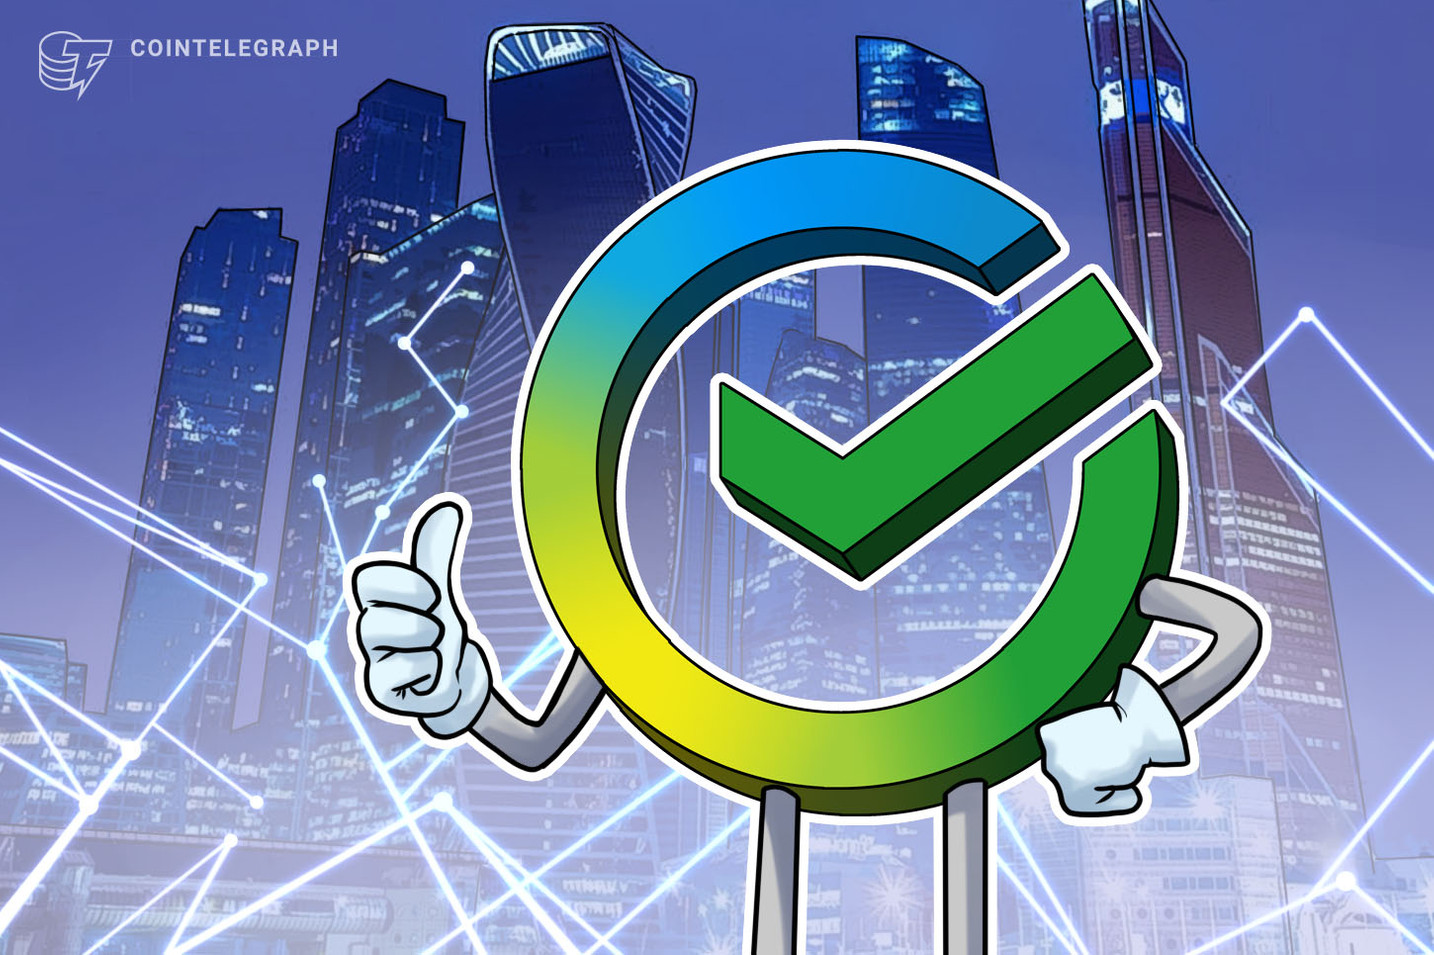 ロシアのズベルバンクによるクラウドサービスを使用するためのビットコイン継承ツール